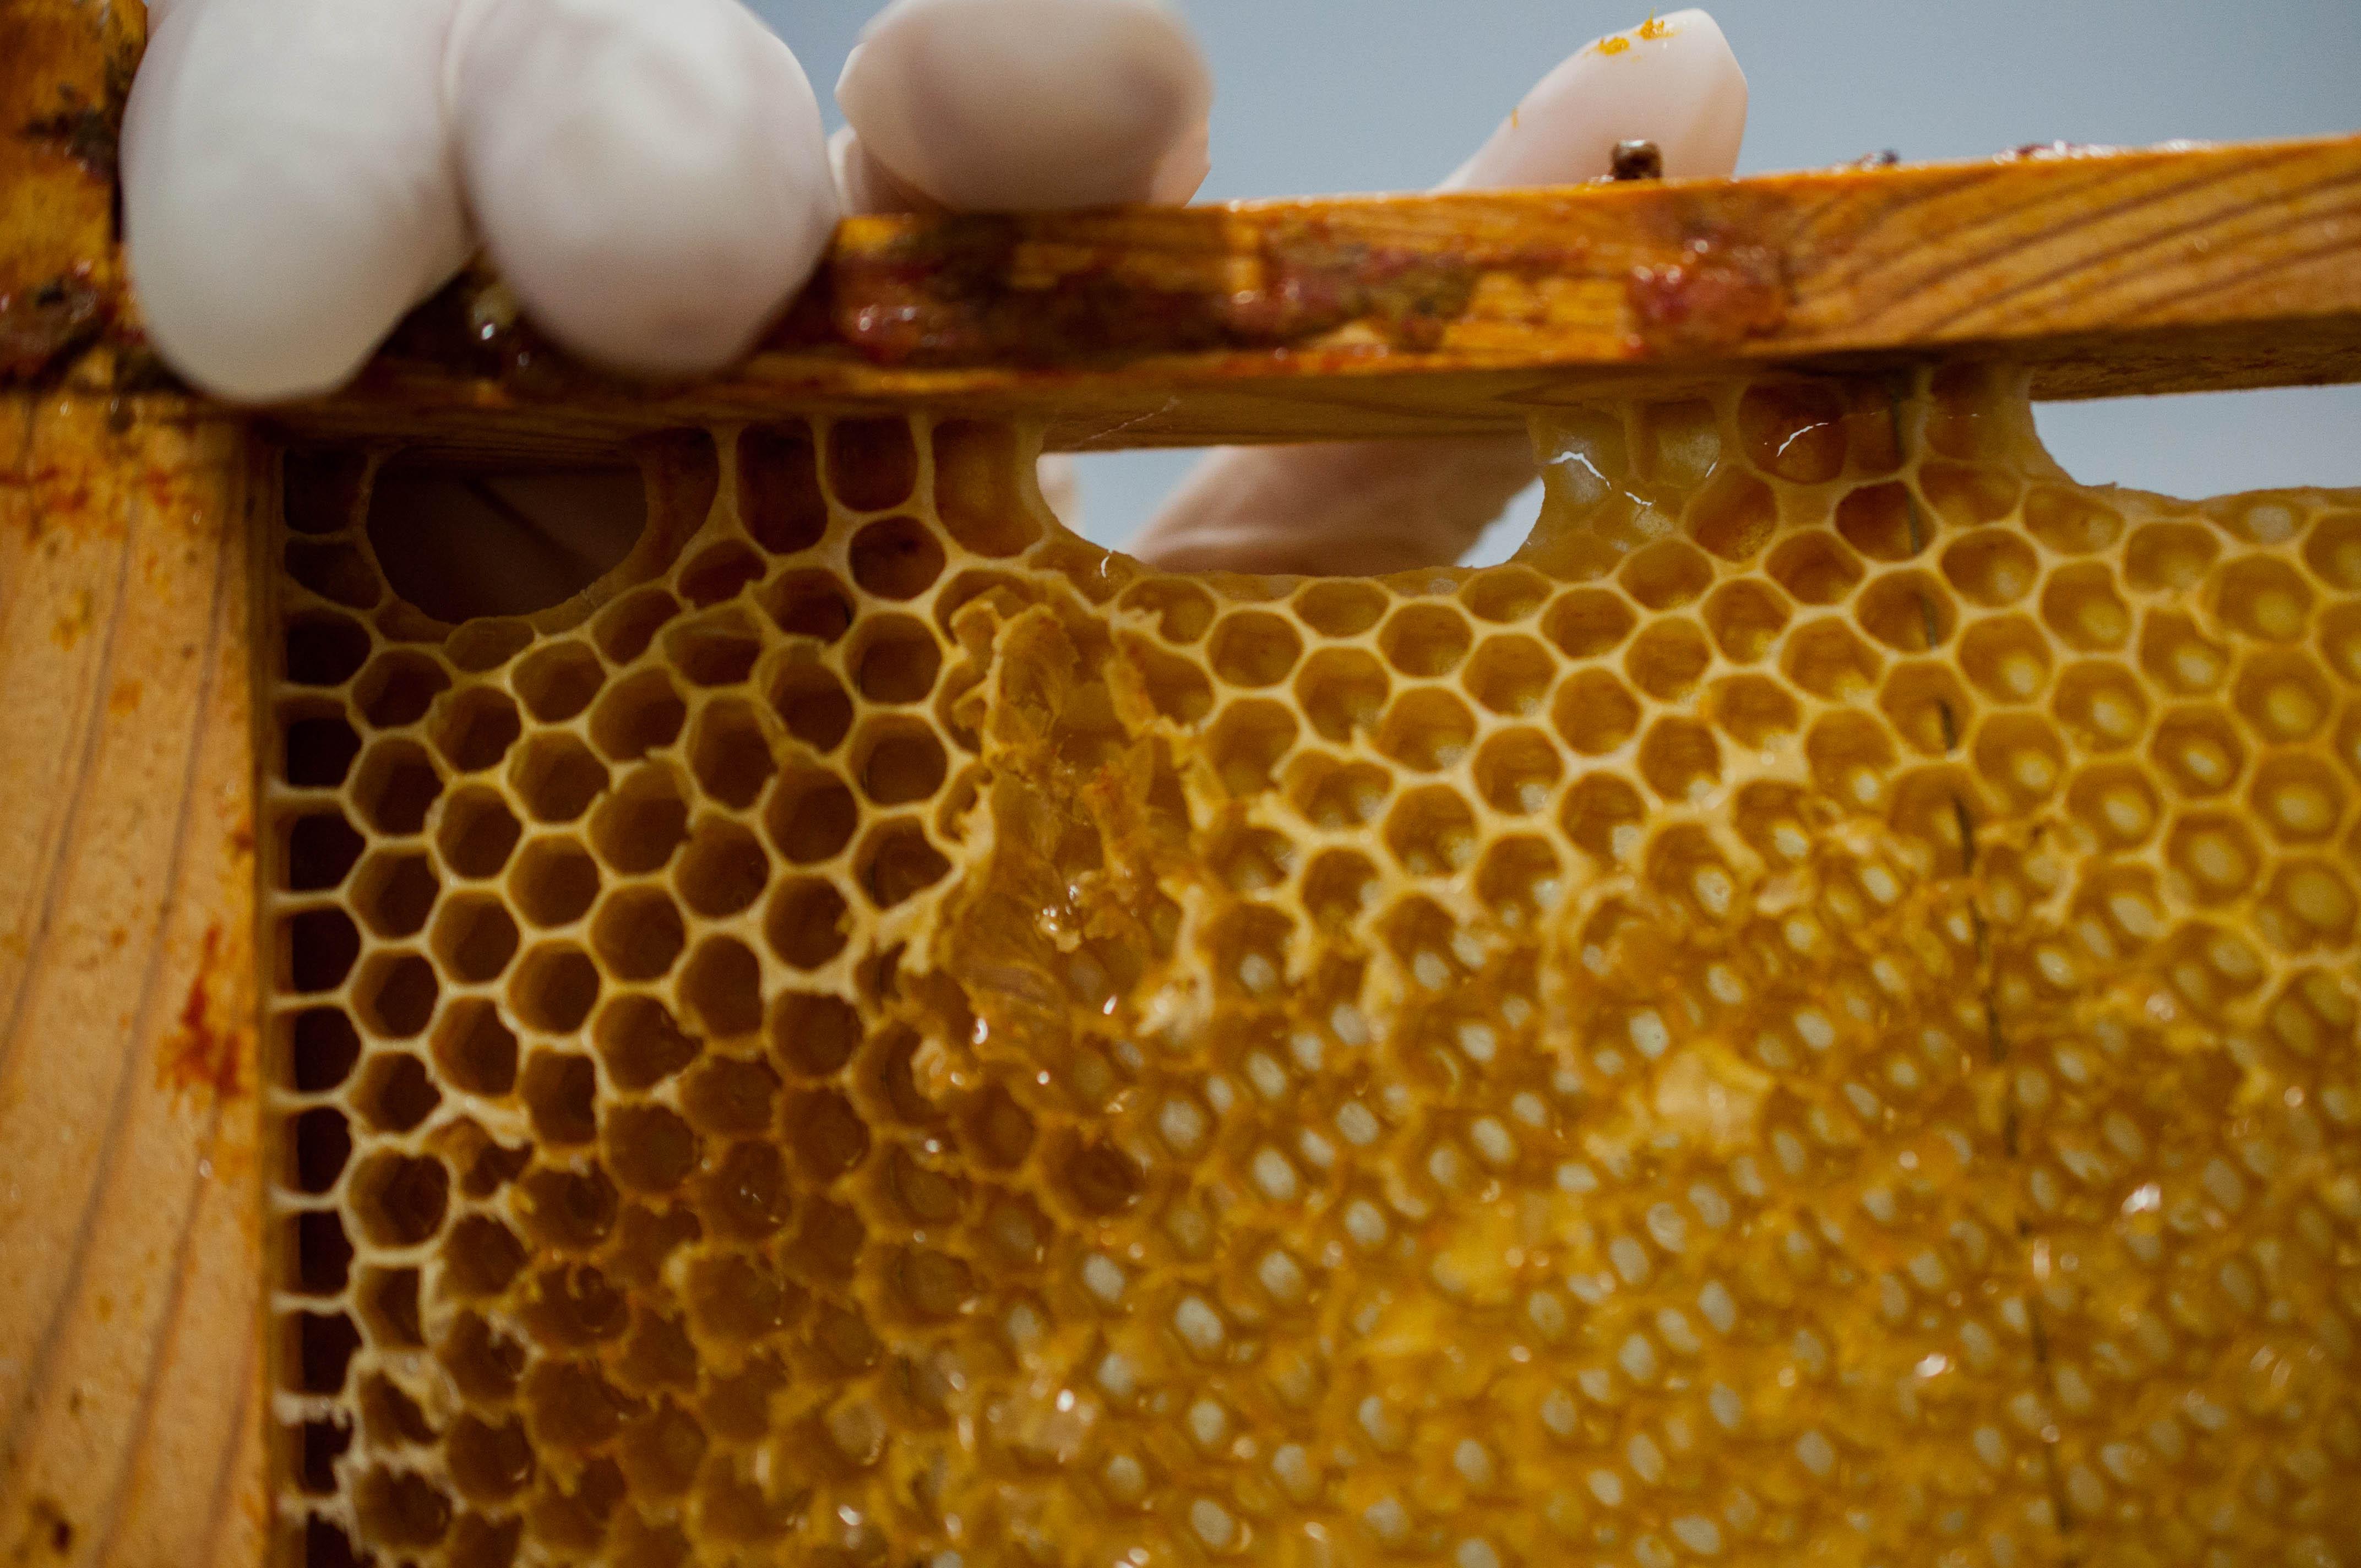 cuadro desoperculado Las Obreras de Aliste Artesanos de la miel Zamora Spain